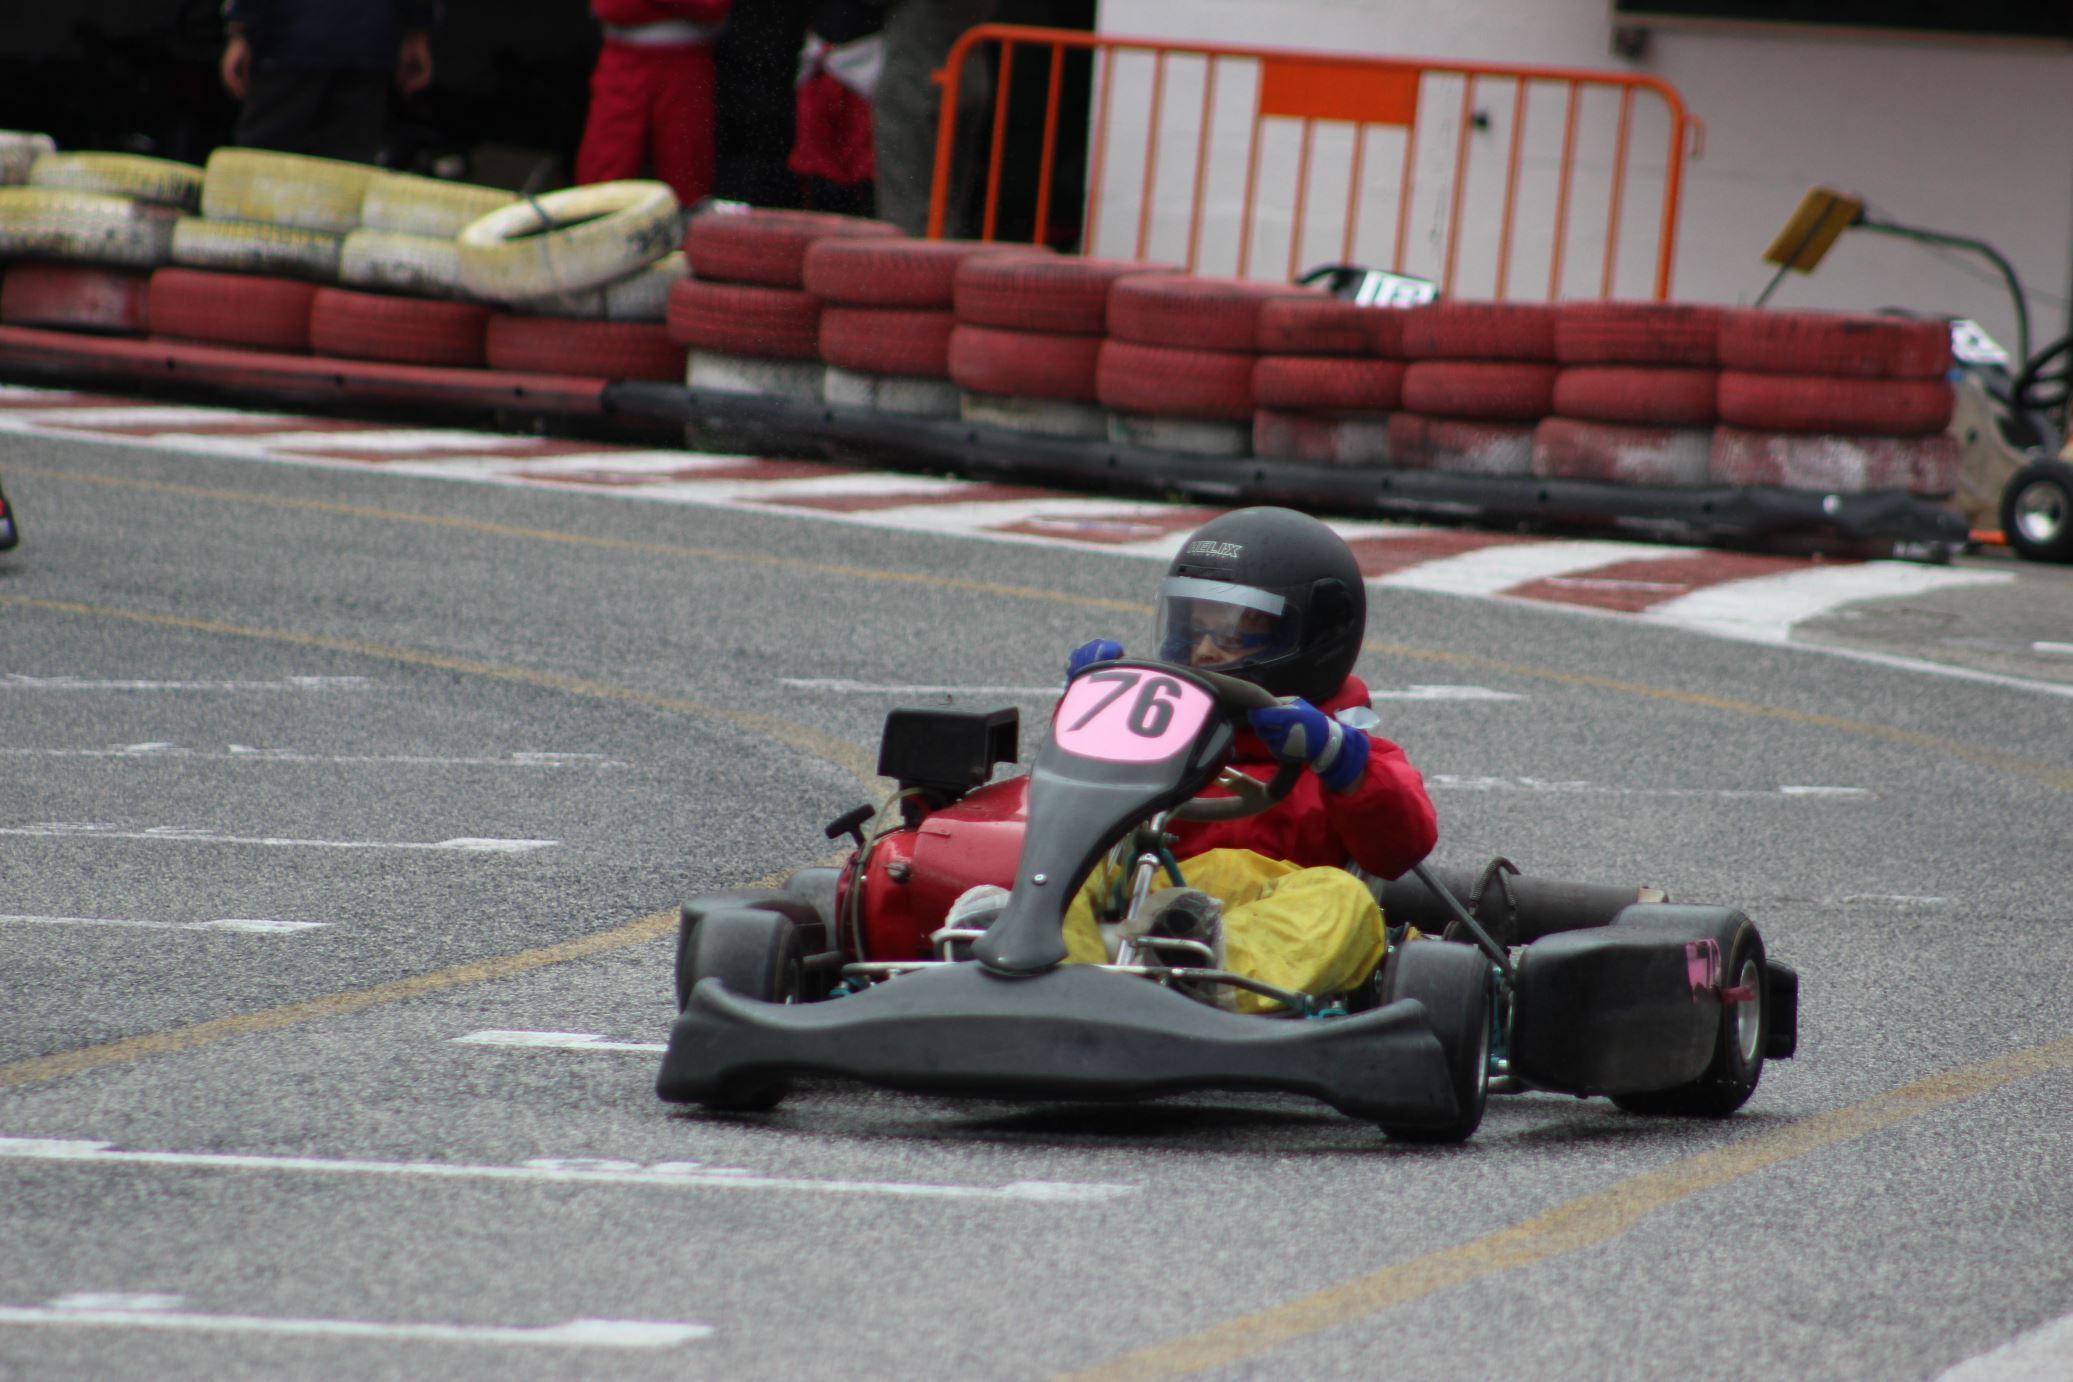 Troféu Honda 2014 - 2ª Prova47